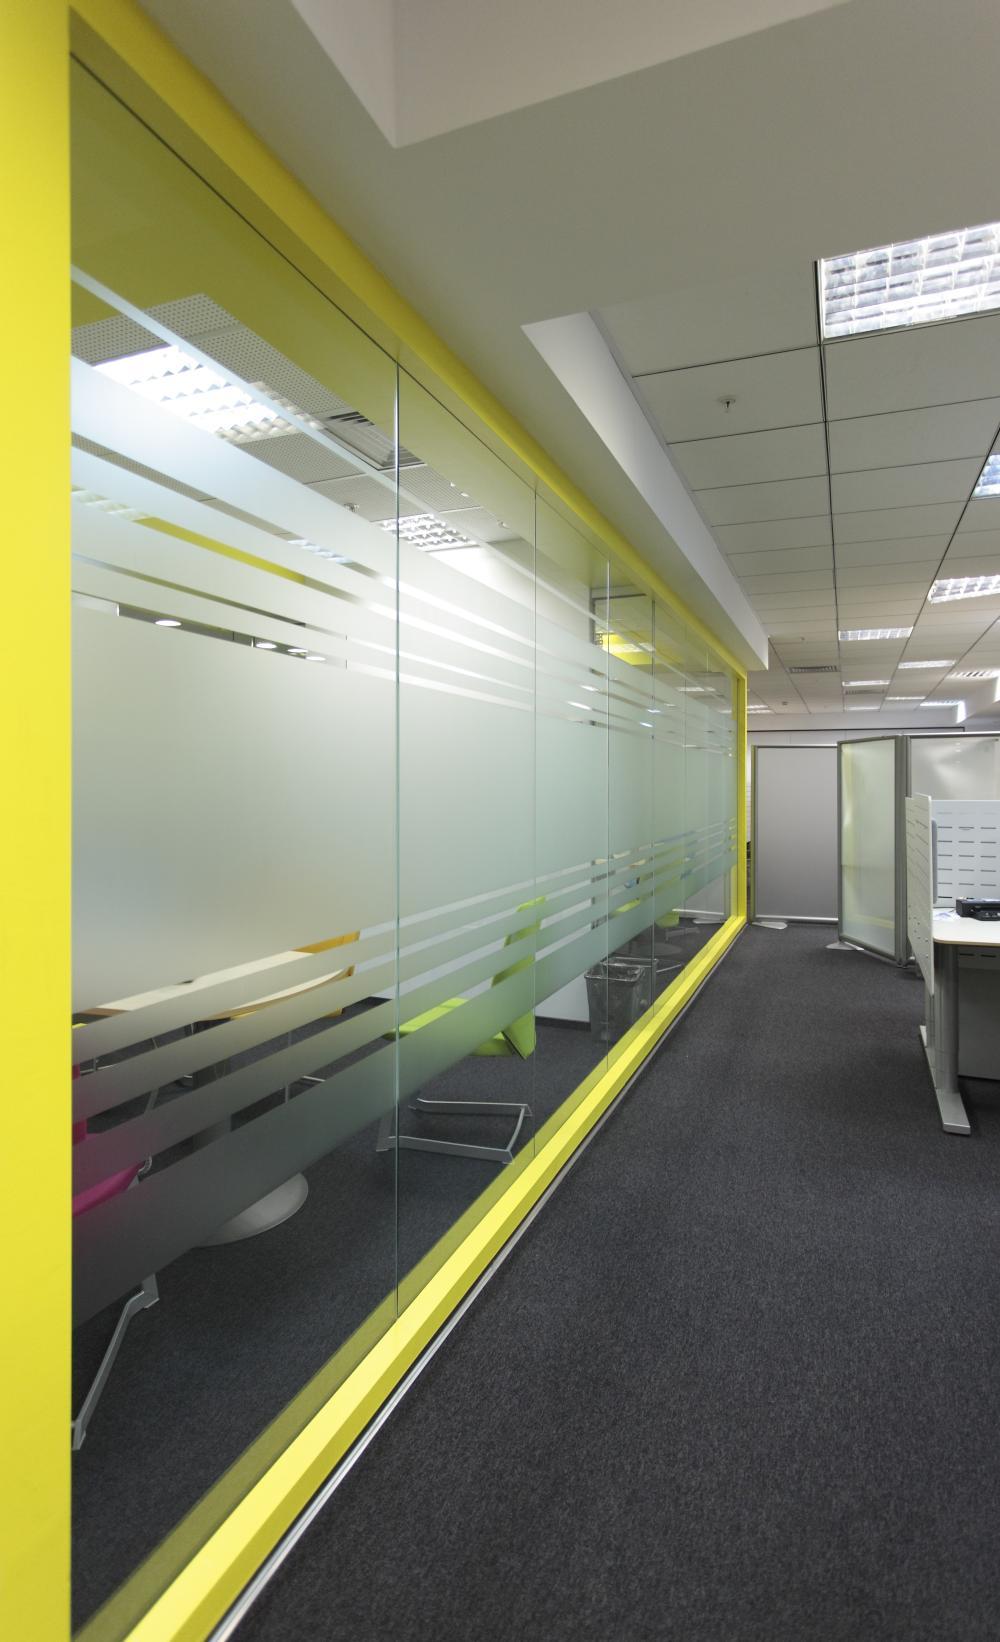 https://nbc-arhitect.ro/wp-content/uploads/2020/11/NBC-Arhitect-_-interior-design-_-Ericsson-_-Romania_4.jpg